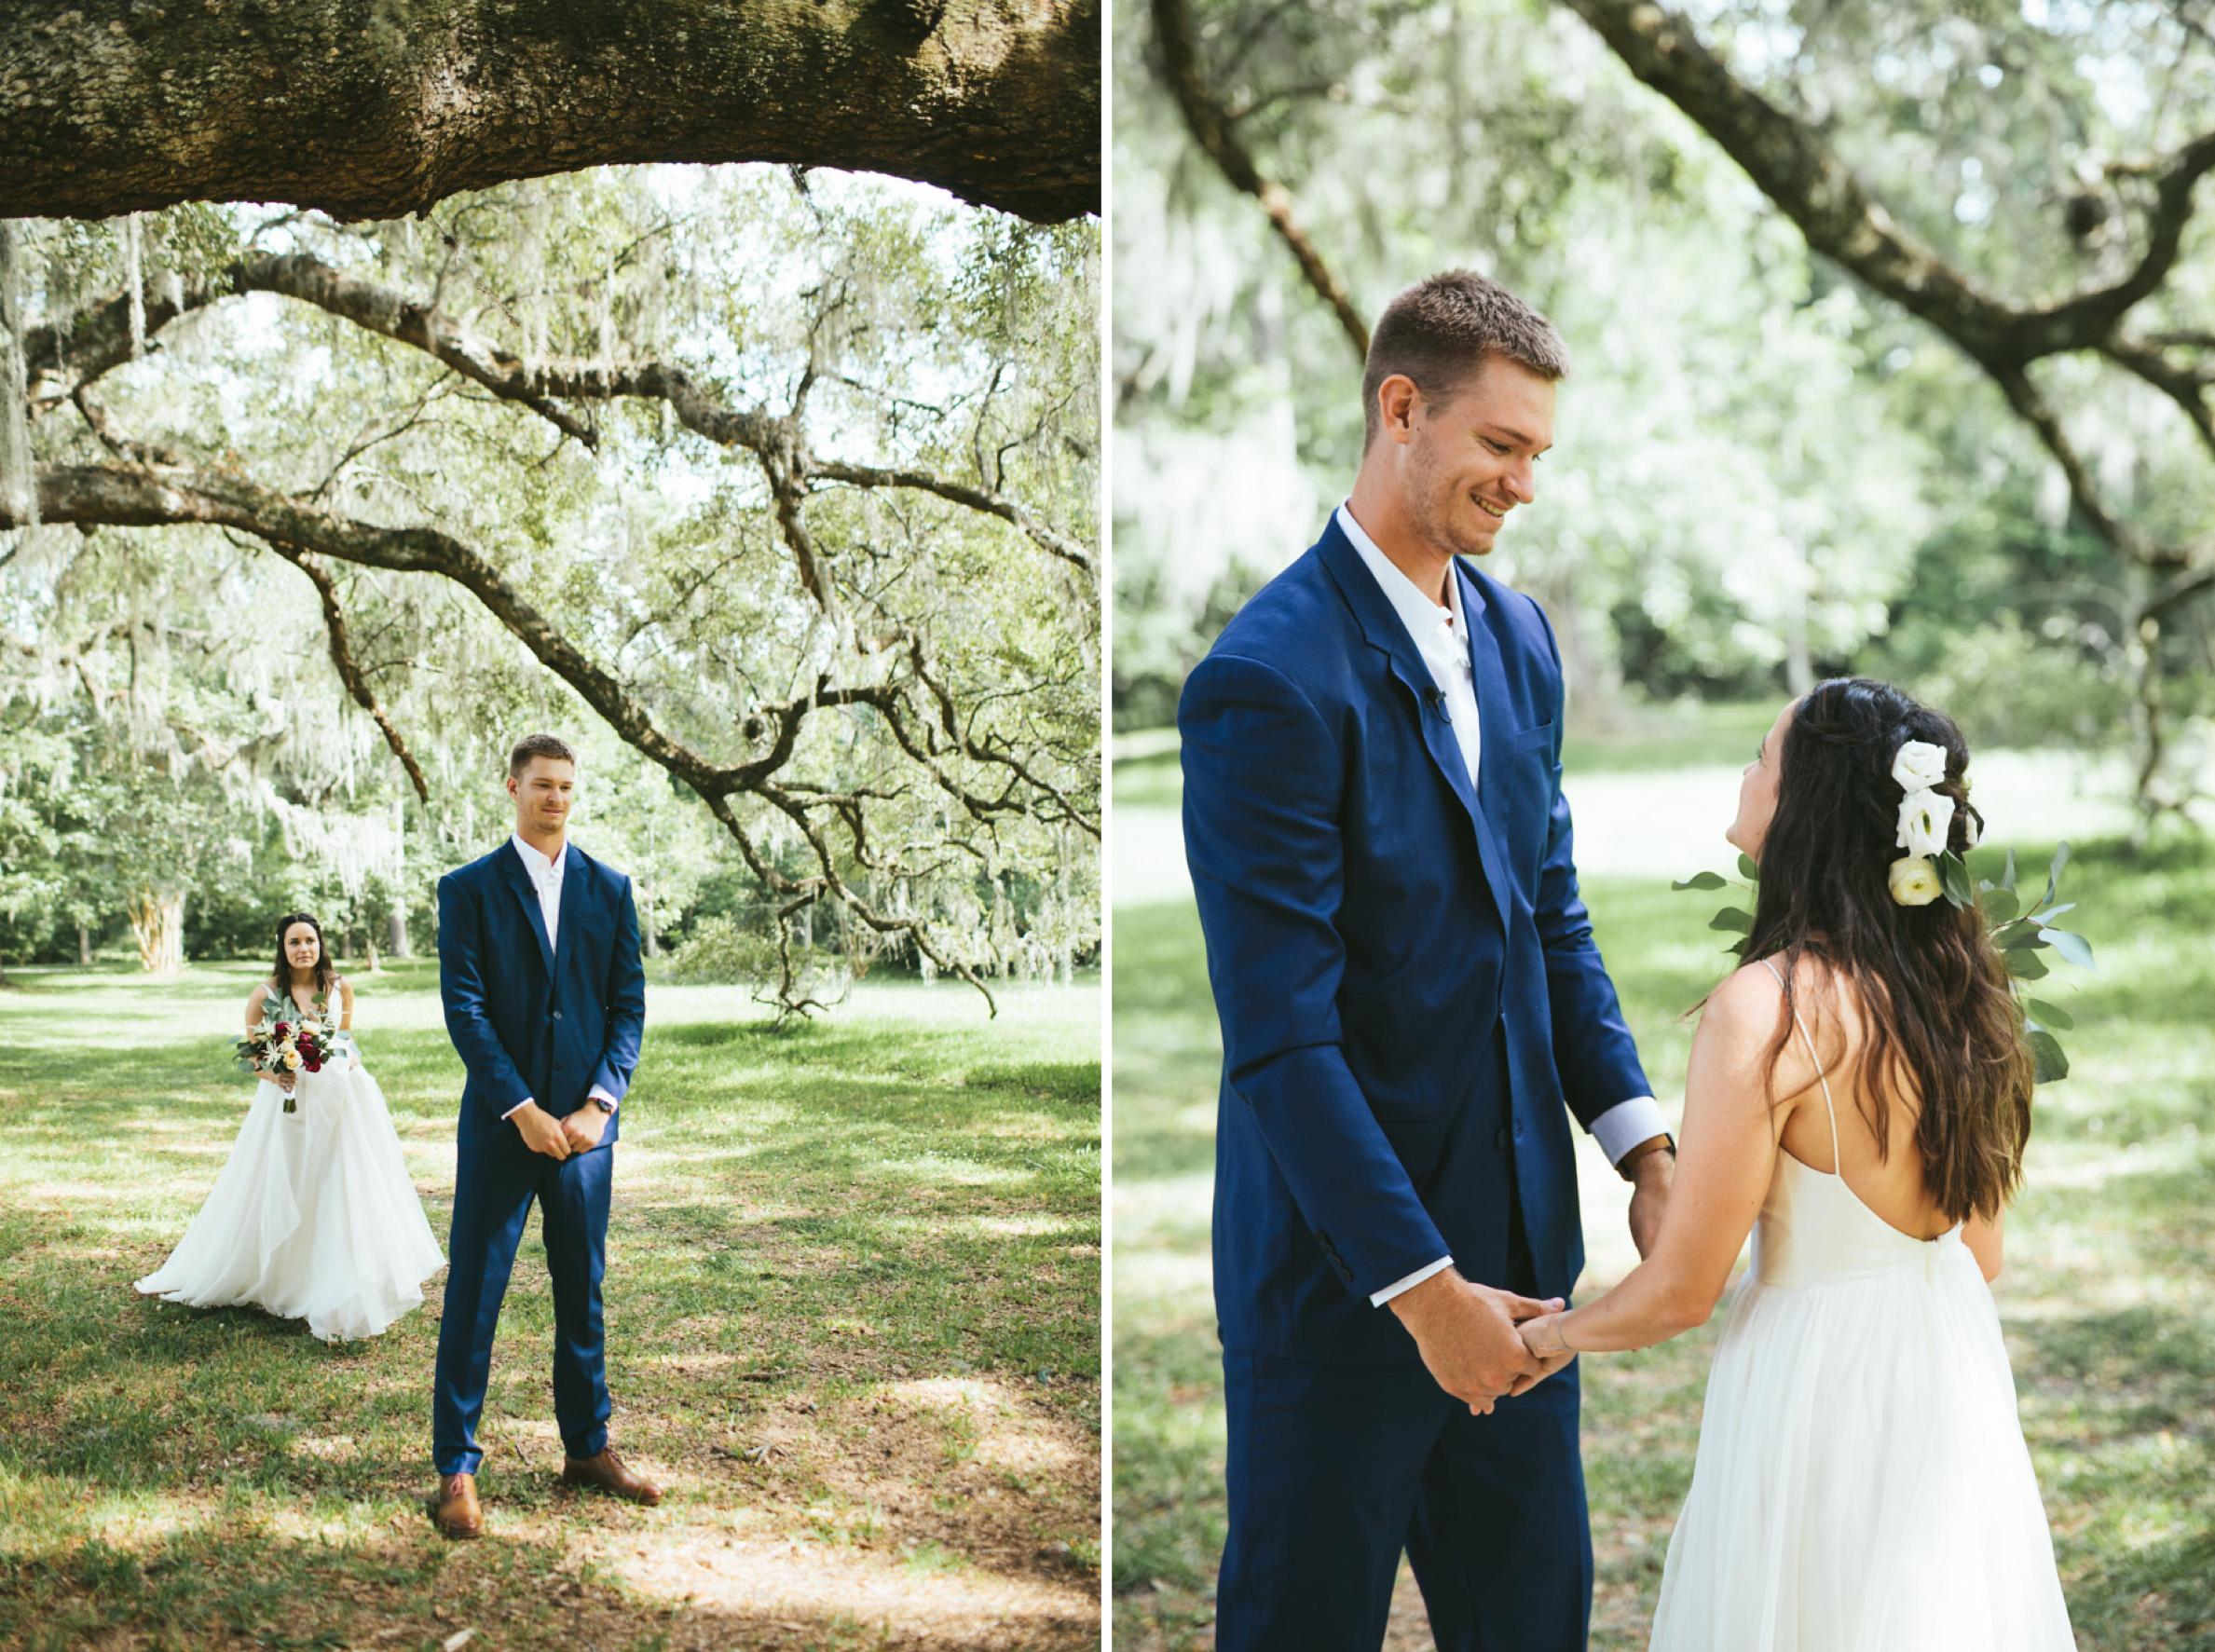 WeRomantics_MB_Wedding_FirstLook1.jpg